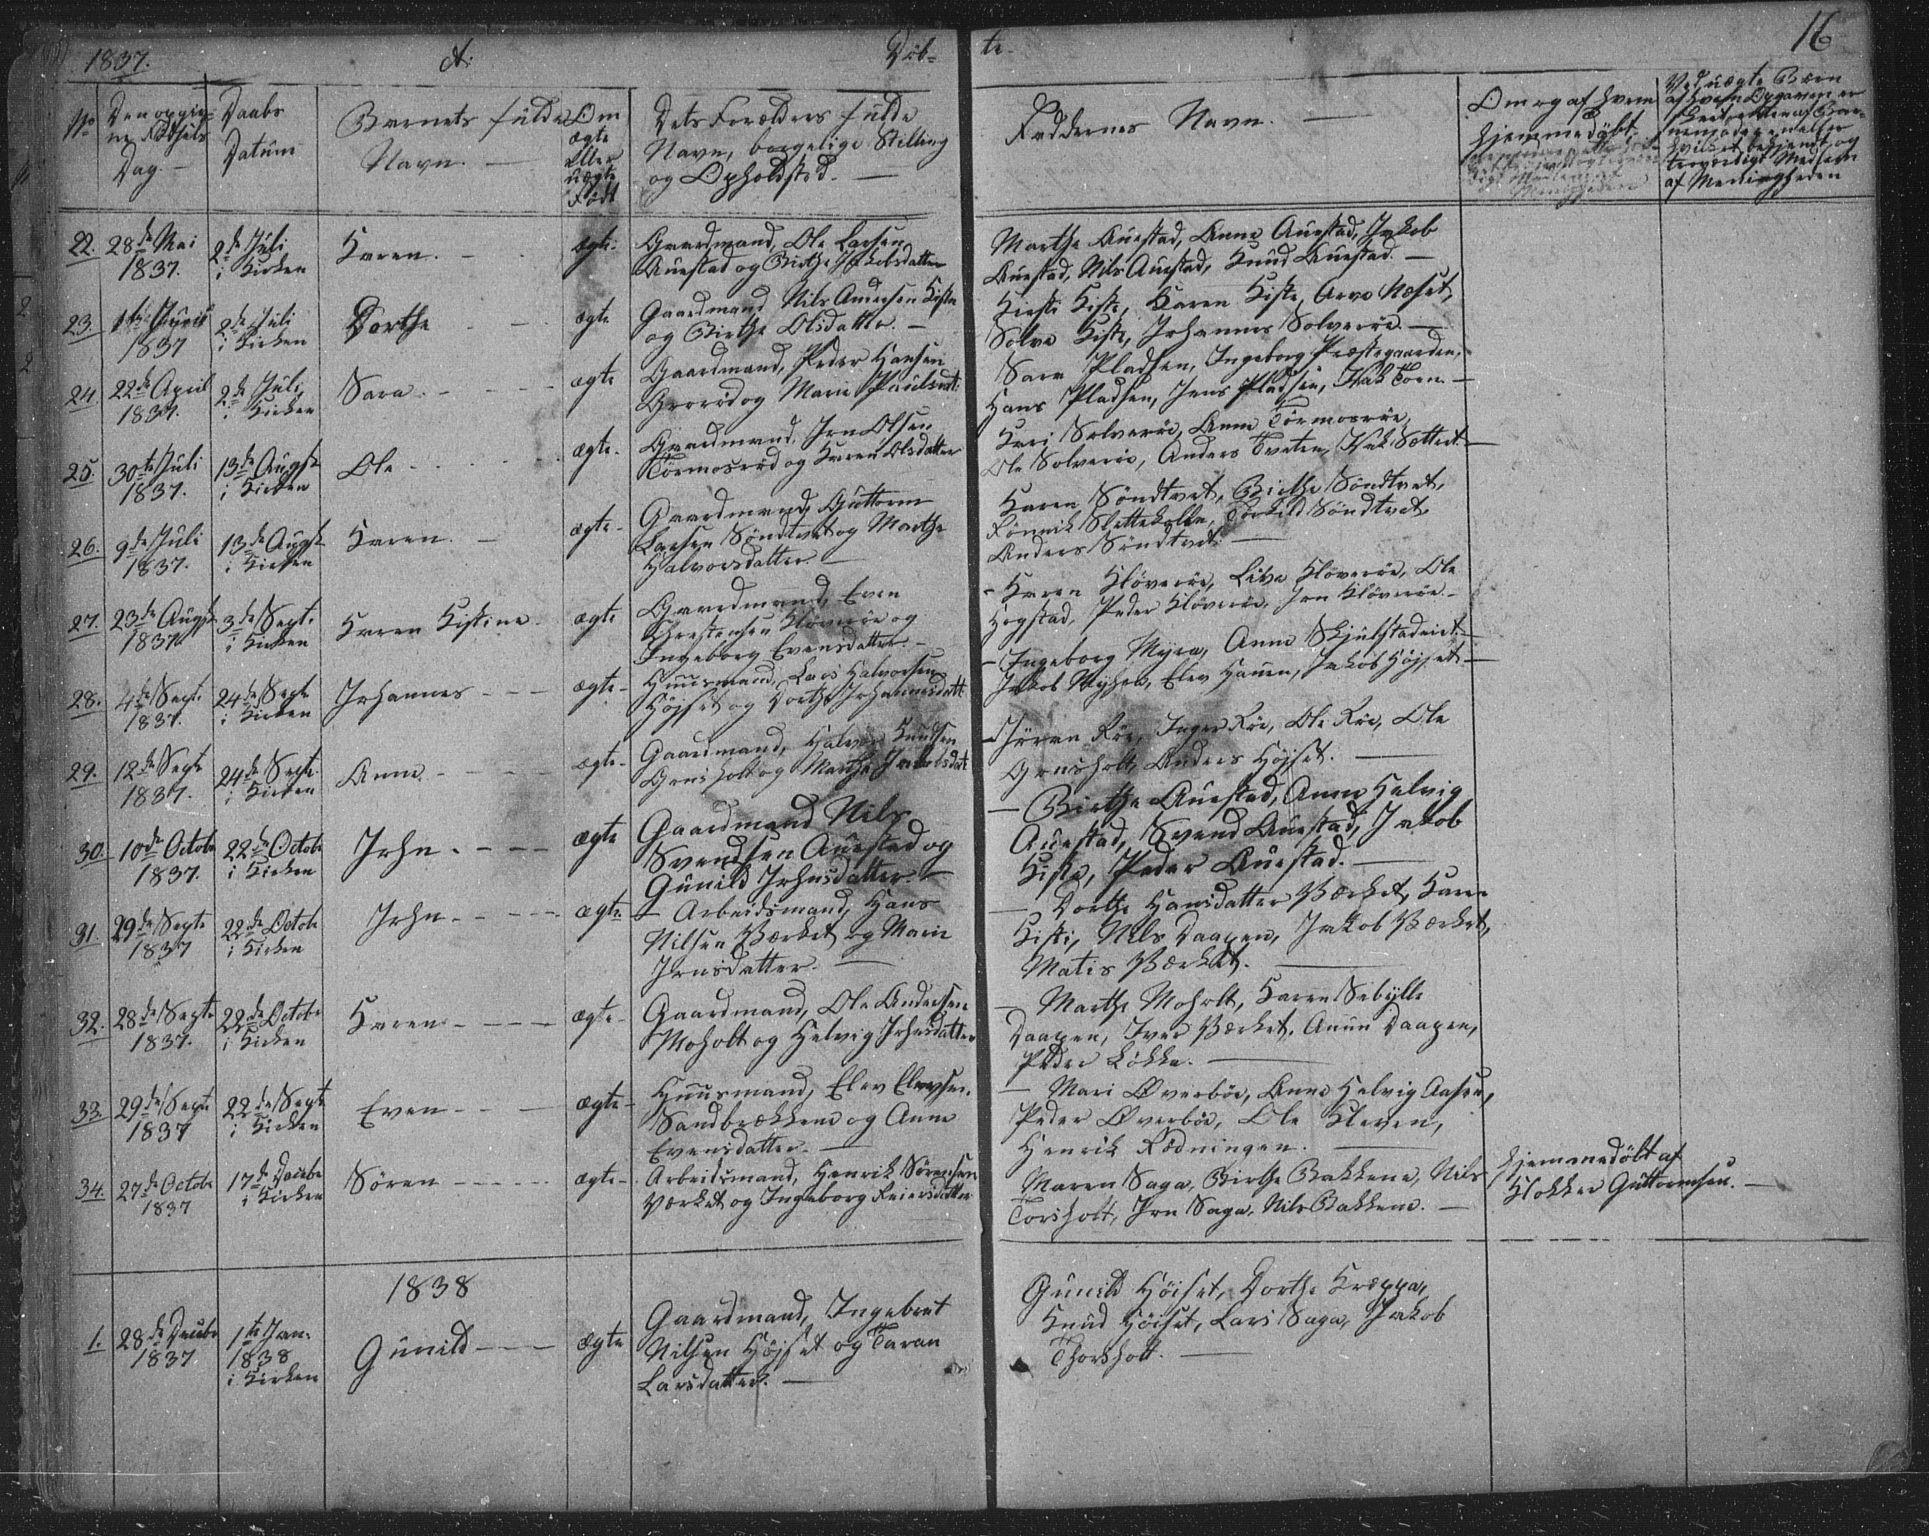 SAKO, Siljan kirkebøker, F/Fa/L0001: Ministerialbok nr. 1, 1831-1870, s. 16